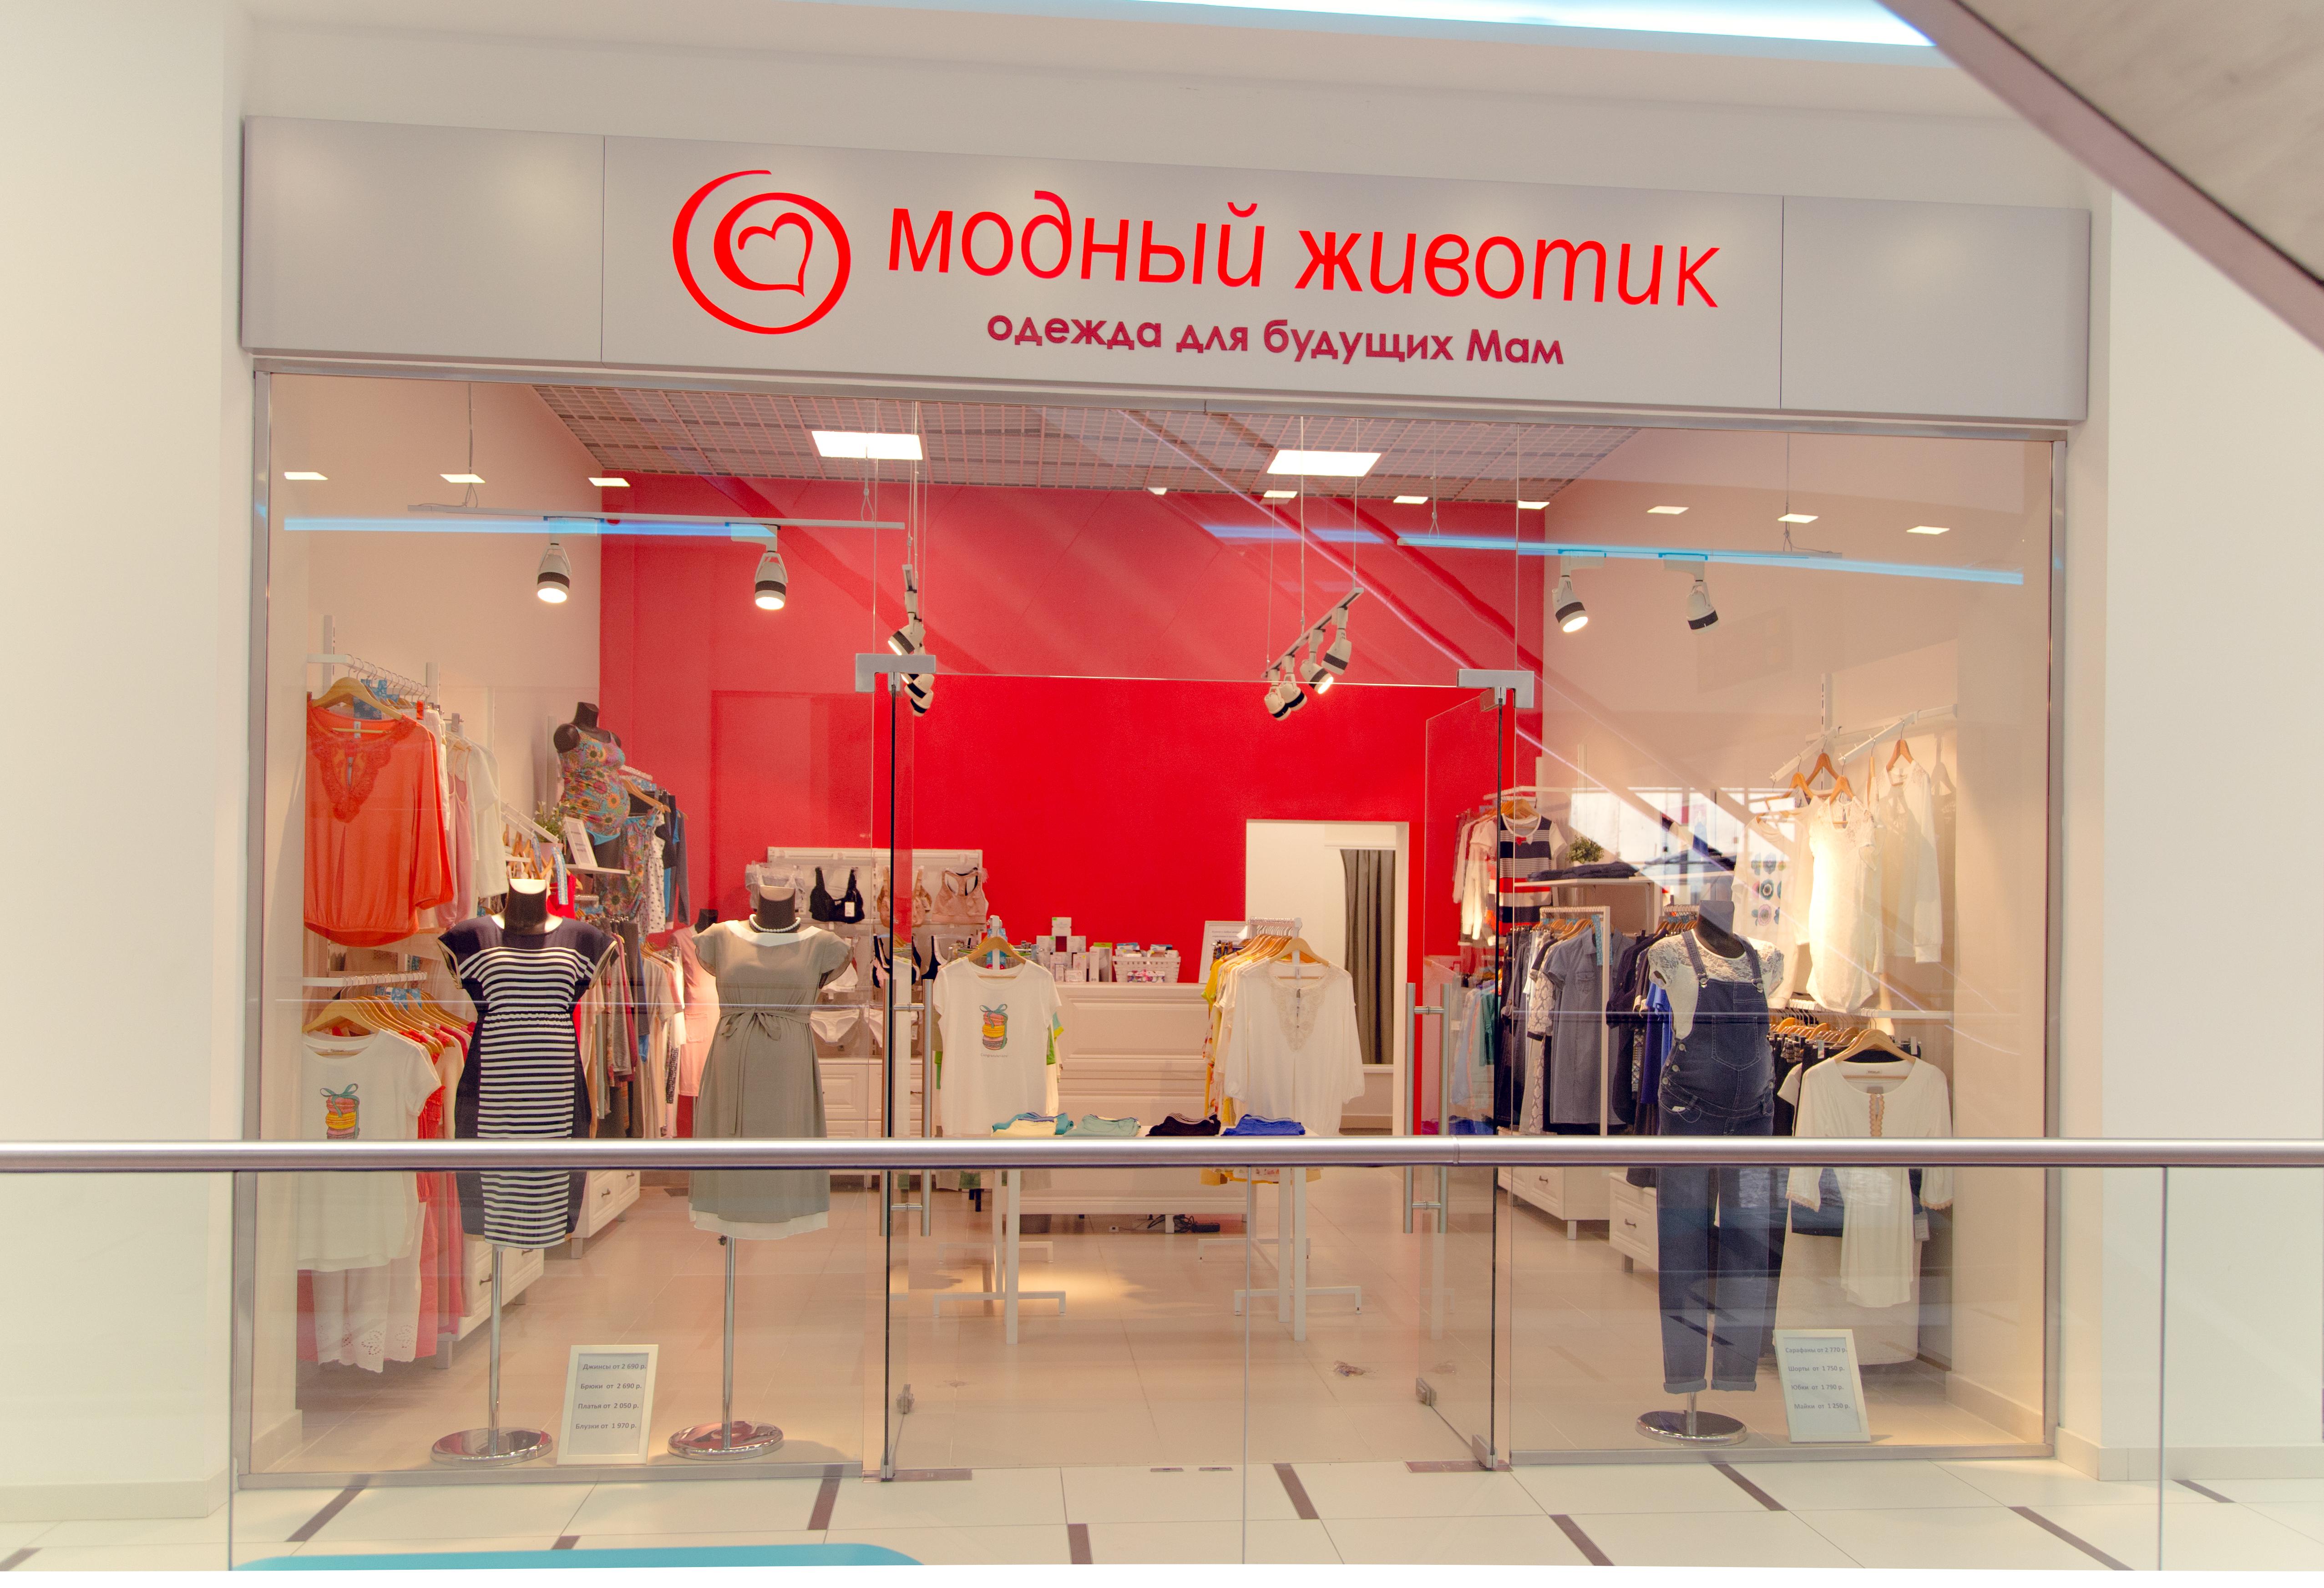 Модный животик — Казань, Баумана, 7 10 (телефон, режим работы и отзывы) c4bea1cf04b